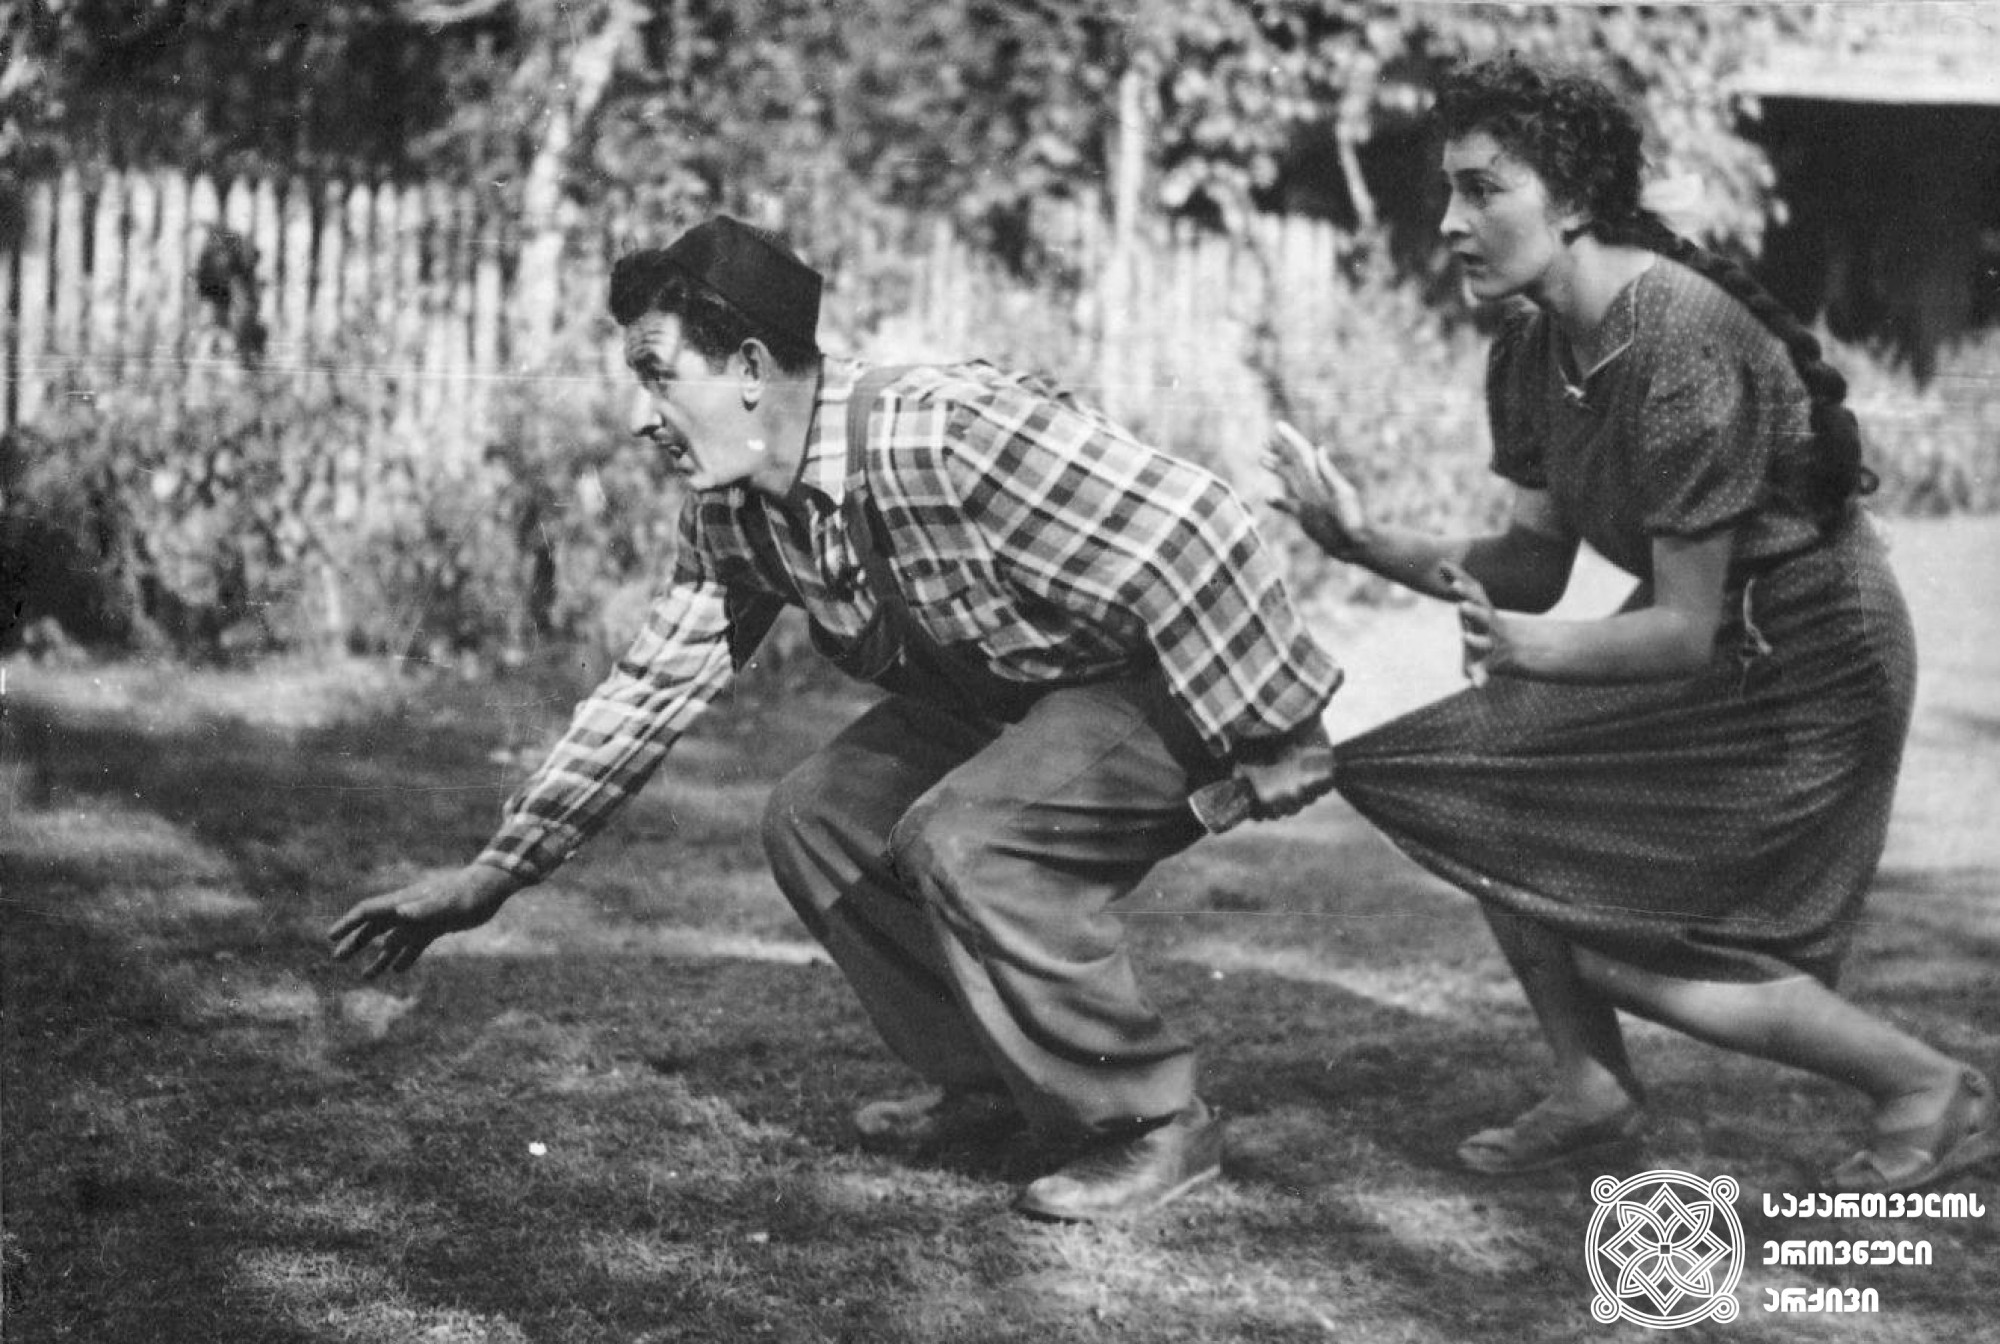 """მხატვრული ფილმი """"ჭრიჭინა"""". დოდო აბაშიძე და ლეილა აბაშიძე გადასაღებ მოედანზე. <br> რეჟისორები: სიკო დოლიძე, ლევან ხოტივარი. <br> 1954. <br> Feature film """"Chrichina"""" (The Dragonfly). Dodo Abashidze and Leila Abashidze on the filming location. <br> Directors: Siko Dolidze and Levan Khotivari. <br> 1954."""